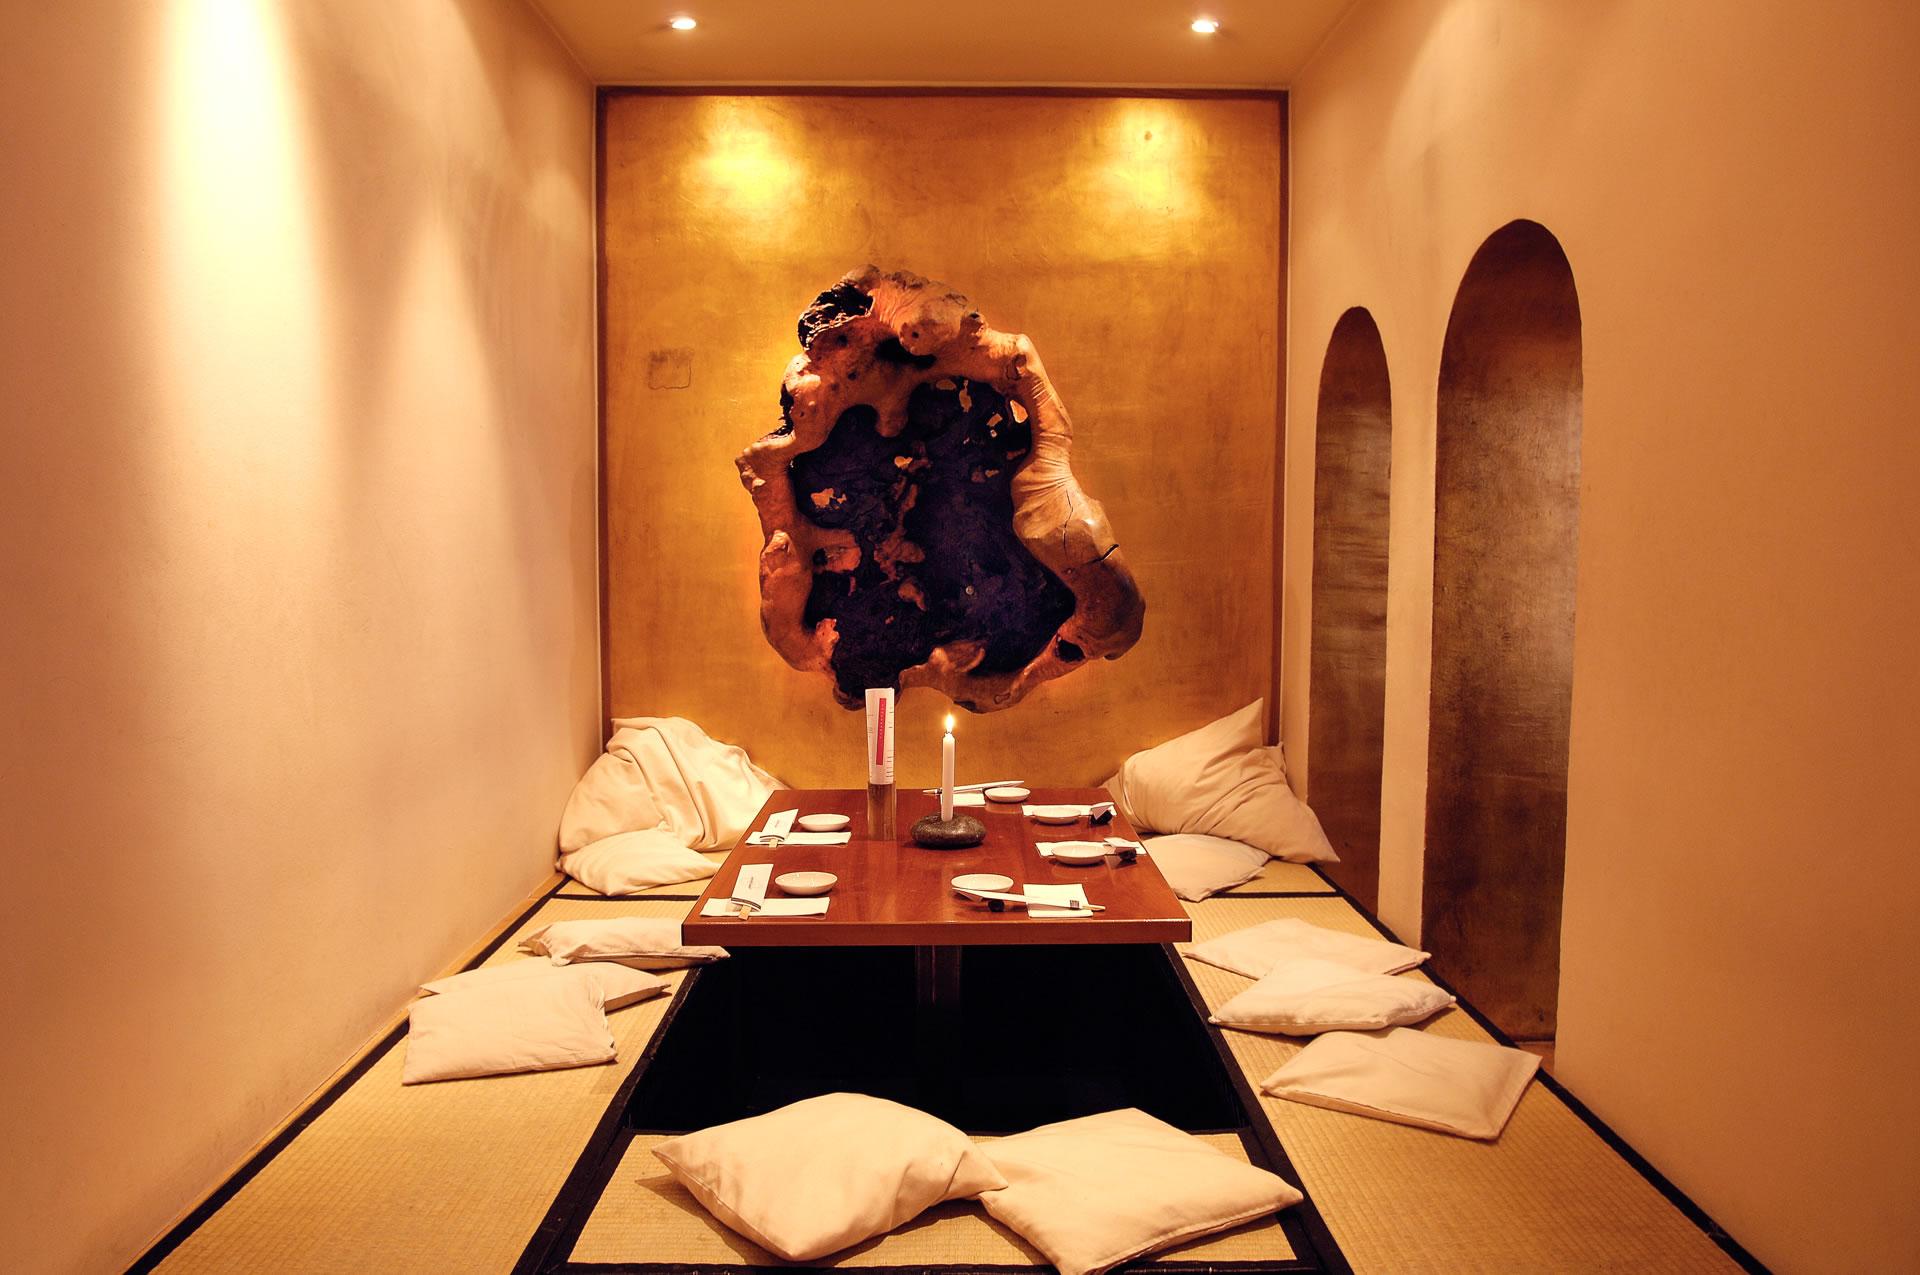 bildergalerie sushi soul. Black Bedroom Furniture Sets. Home Design Ideas